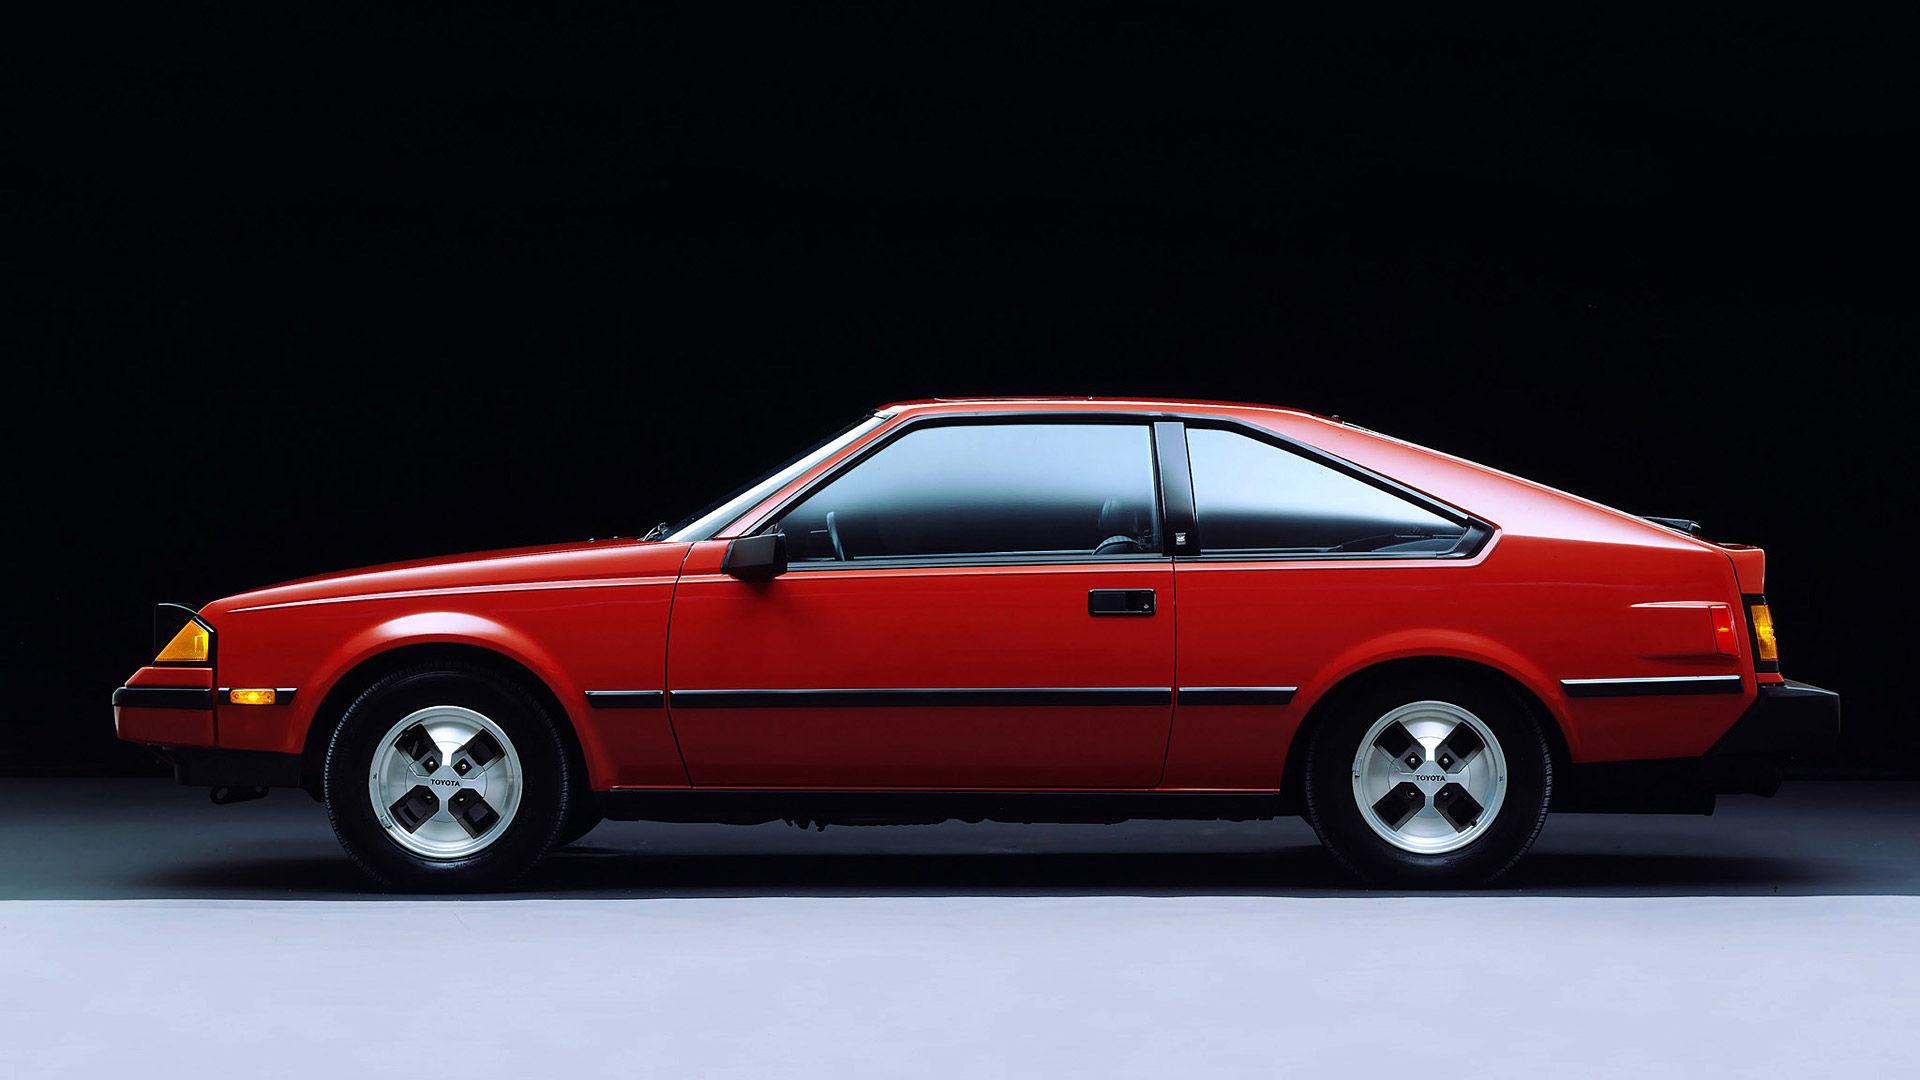 1982 Toyota Celica Liftback